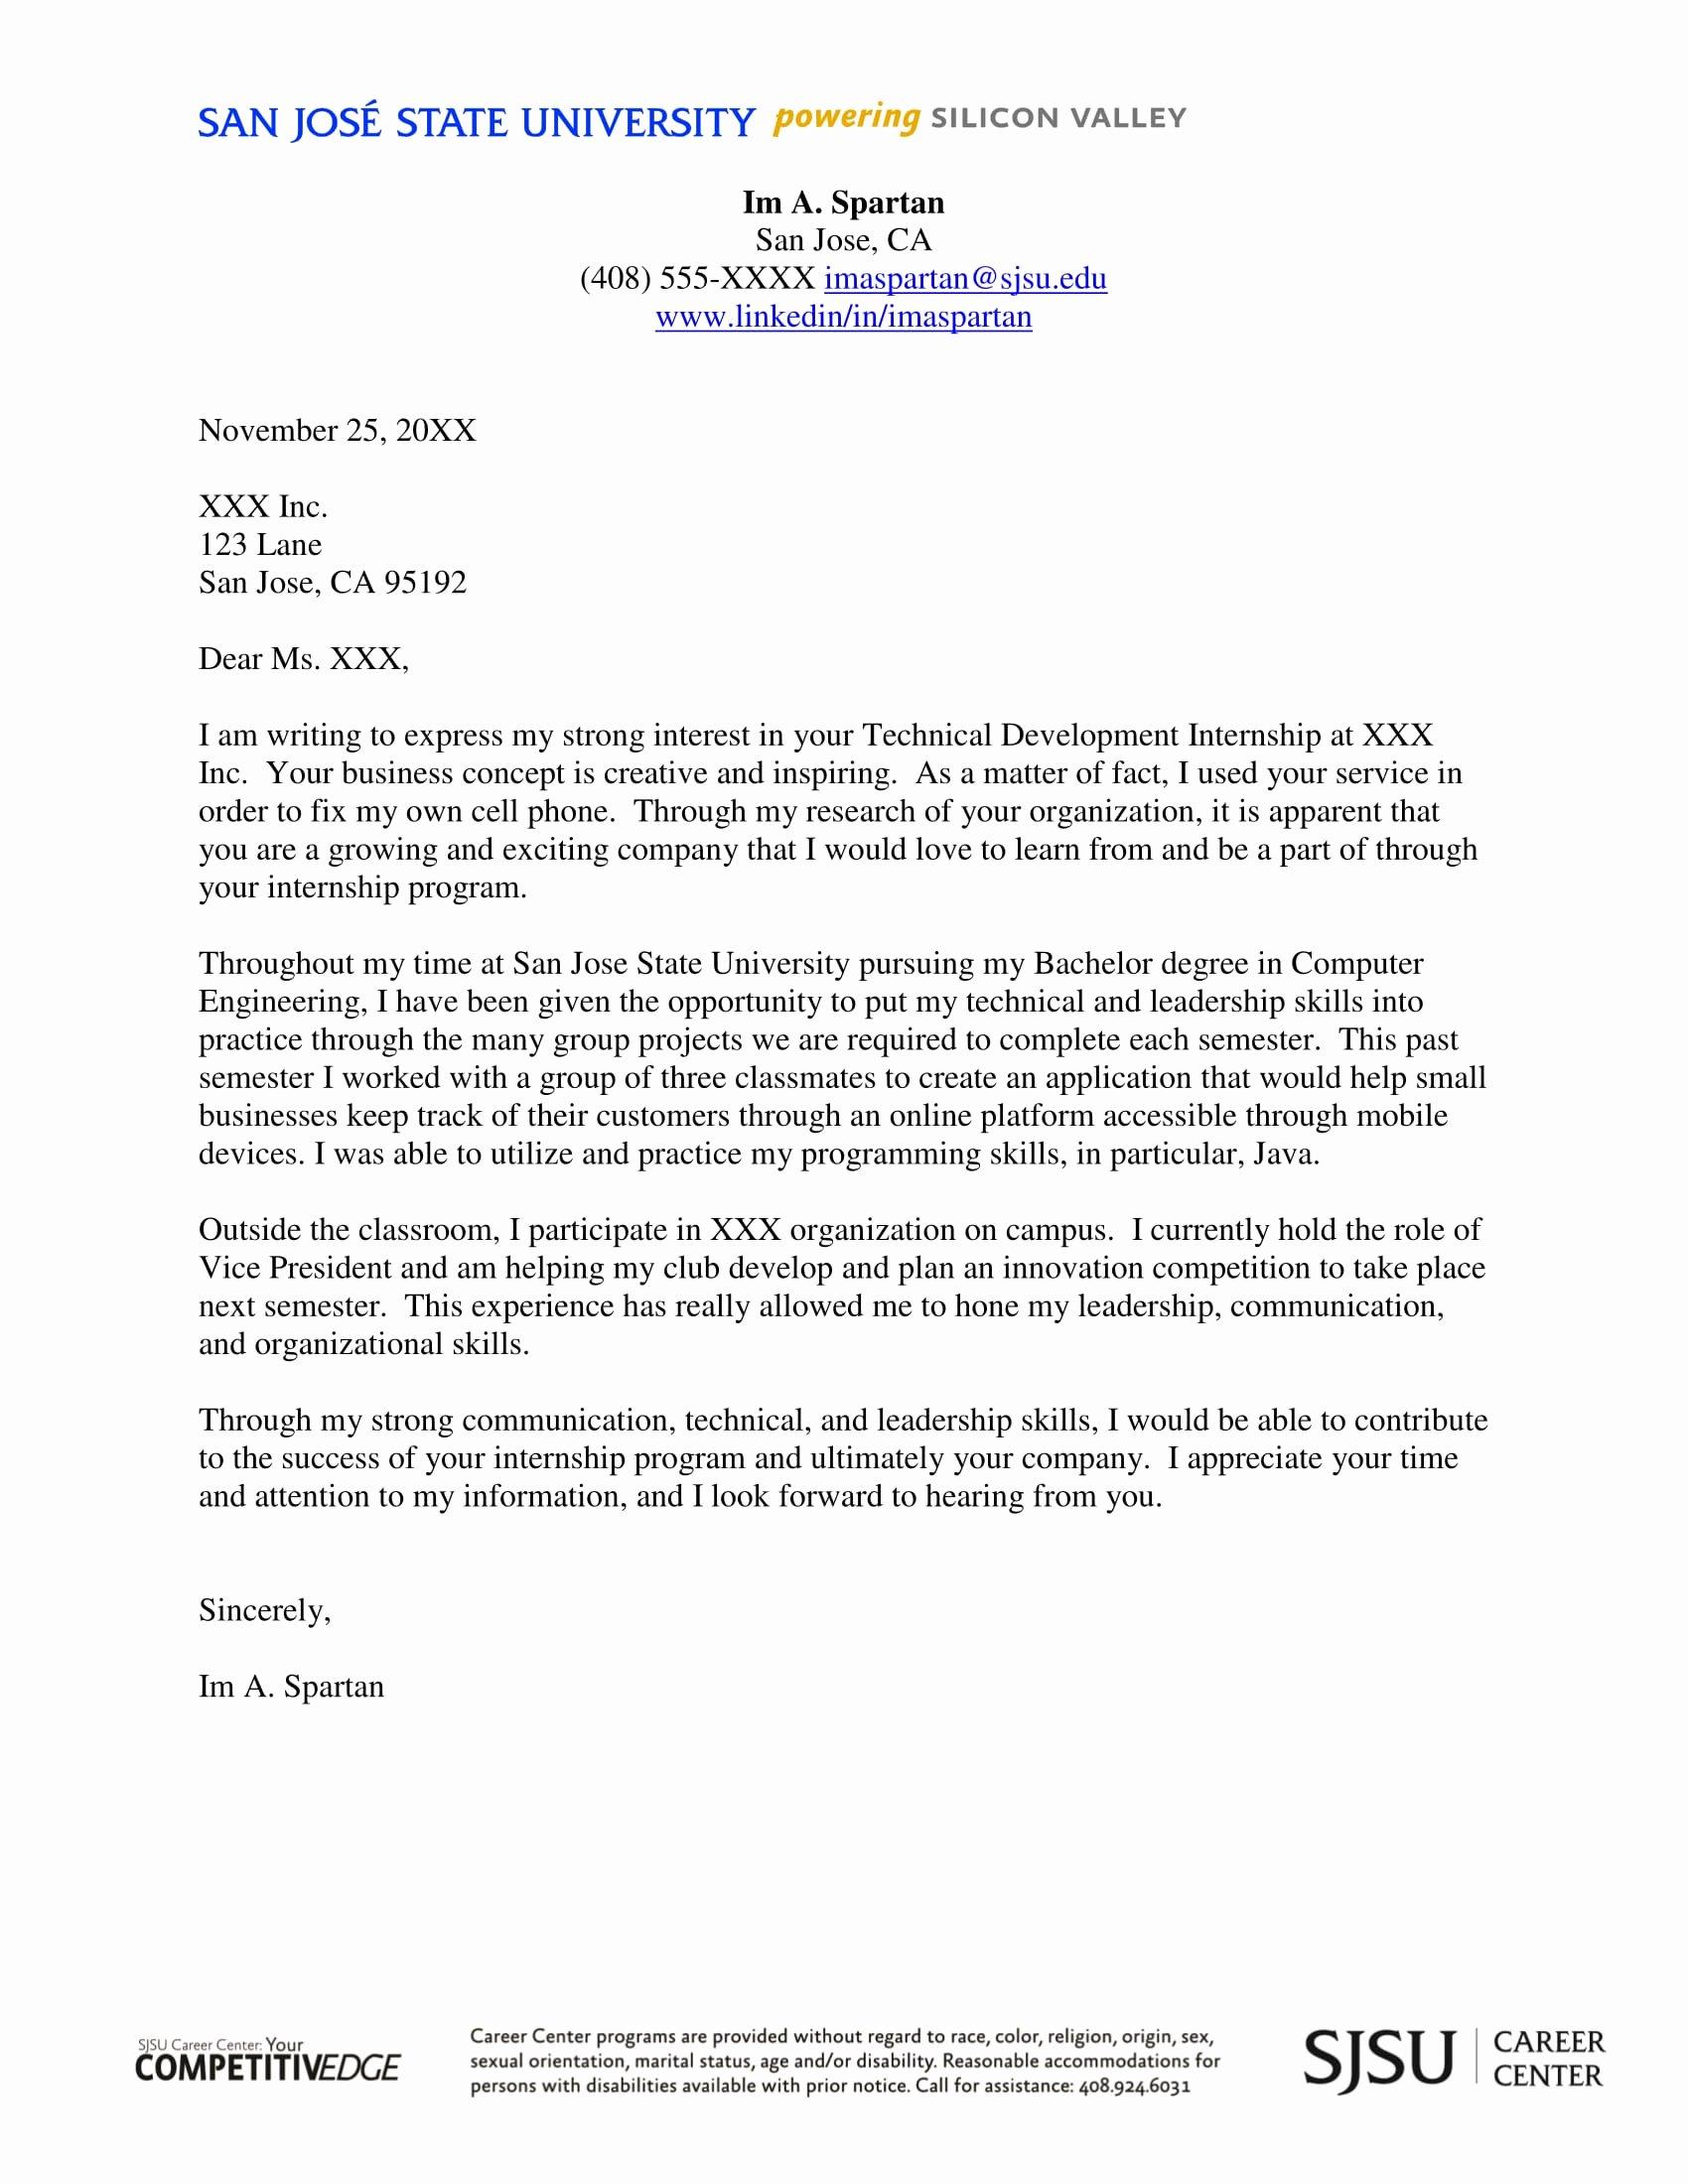 Internship Cover Letter Sample Fresh 16 Best Cover Letter Samples for Internship Wisestep